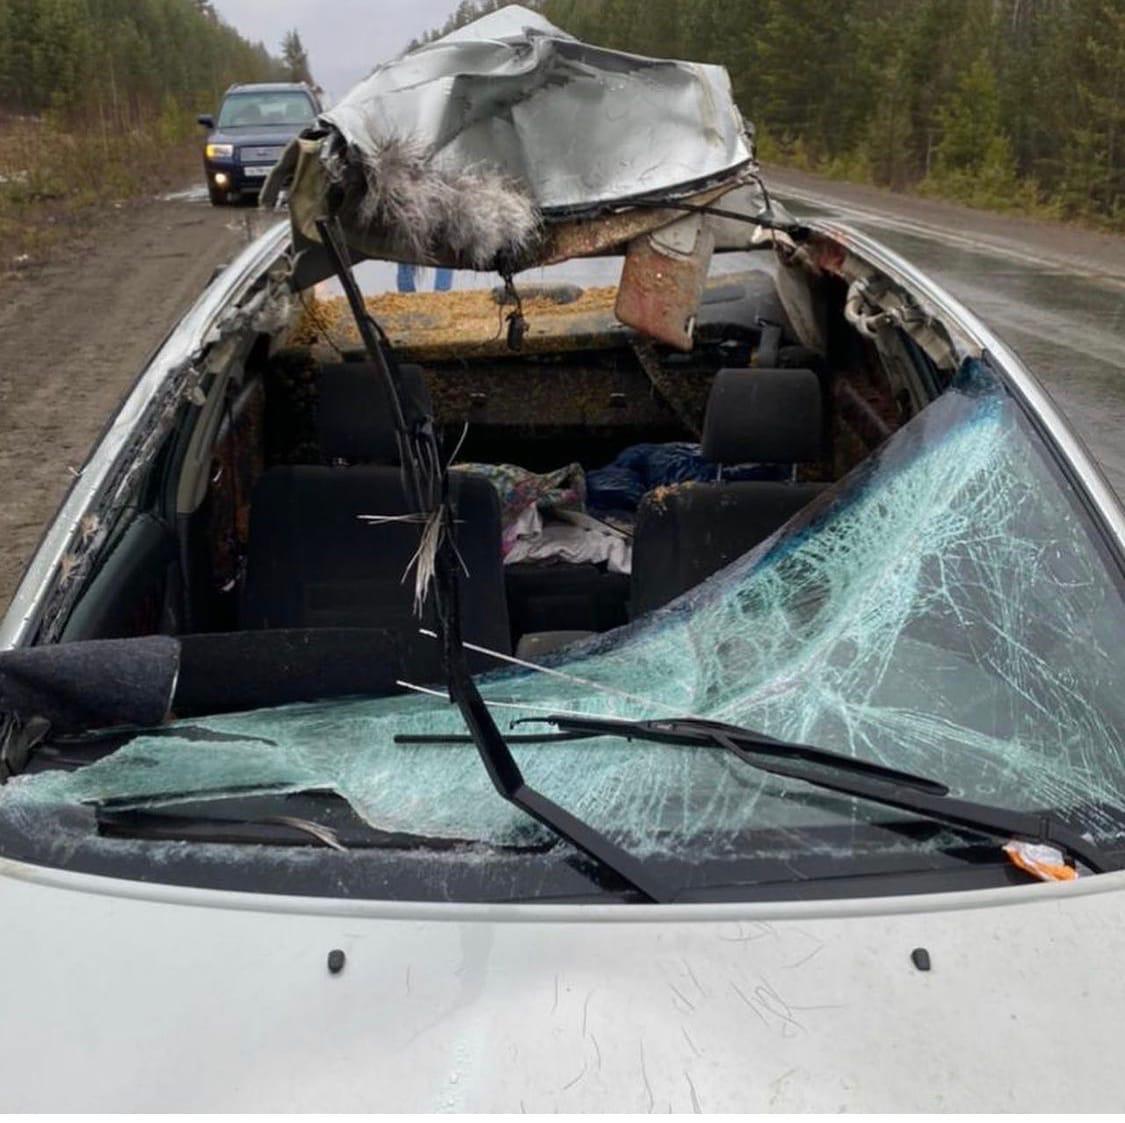 Водитель сбил лося, потерял автомобиль и должен 80 тысяч